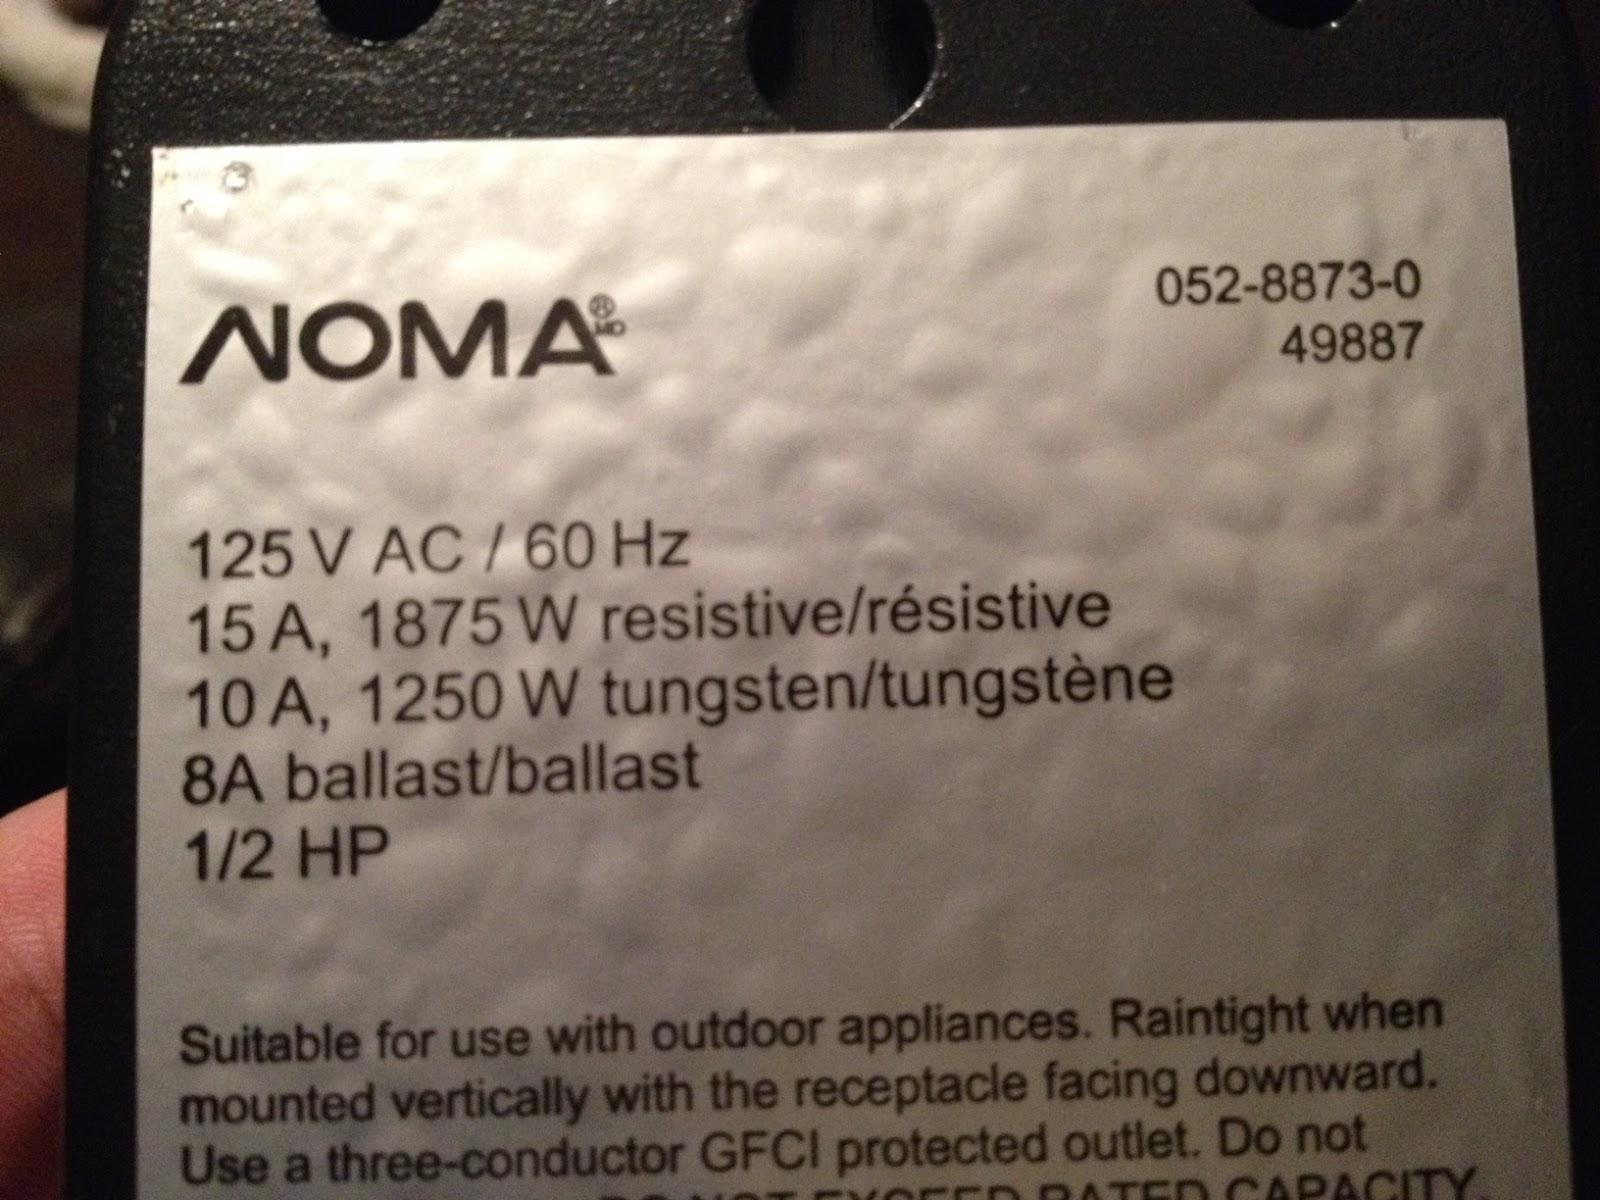 noma 052 8873 0 49887 manual